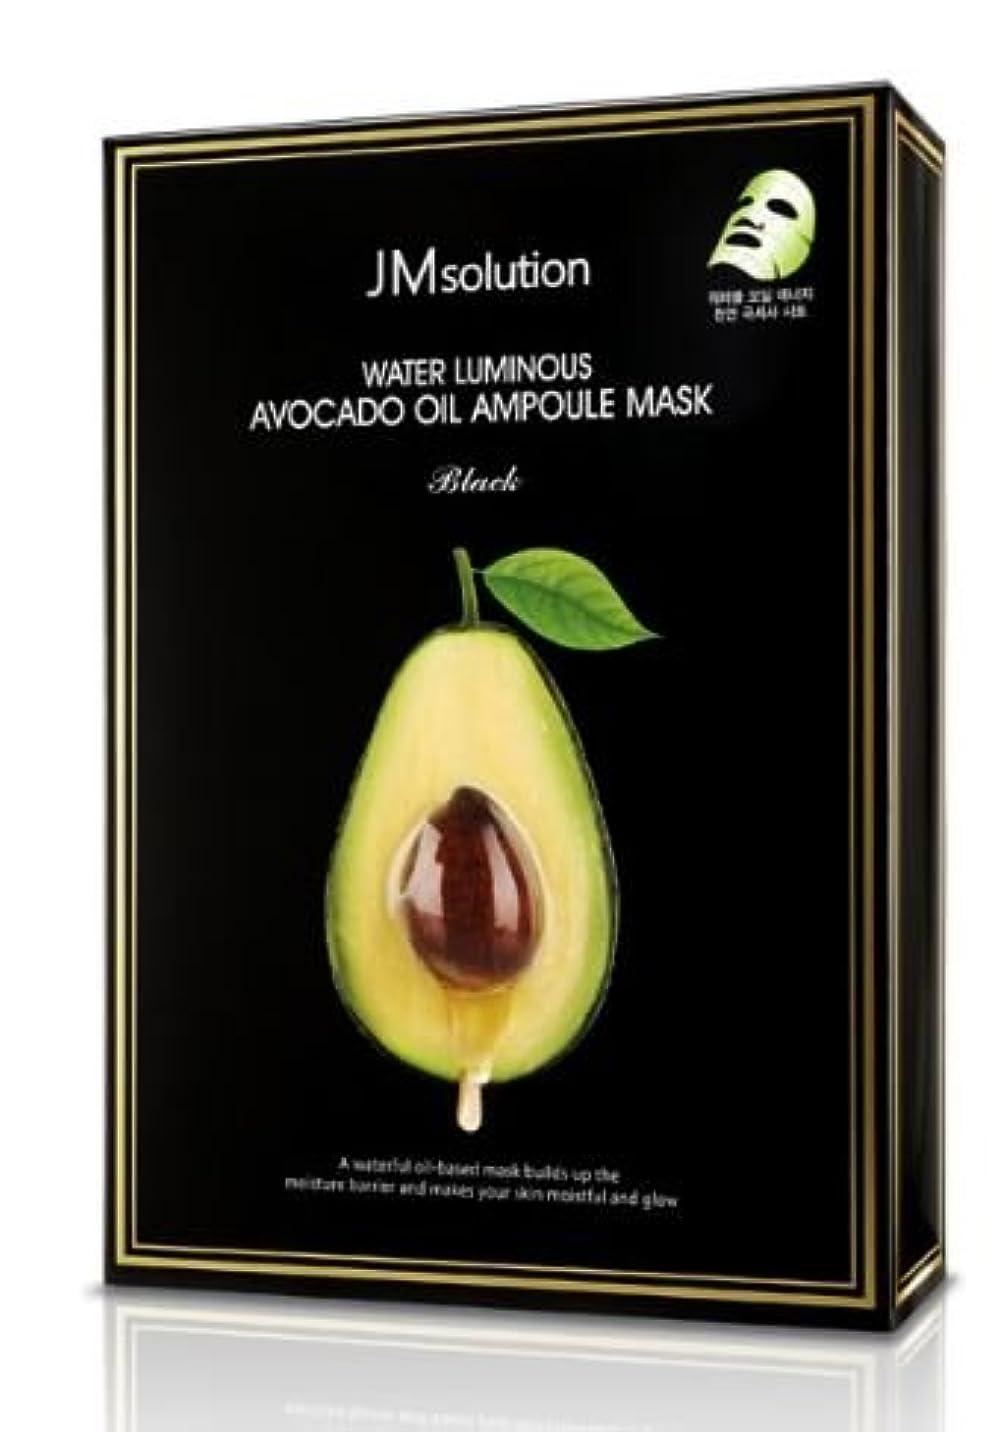 暖かく狼分解する[JM solution] Water Luminous Avocado Oil Ampoule Mask_Black 35ml*10ea [並行輸入品]